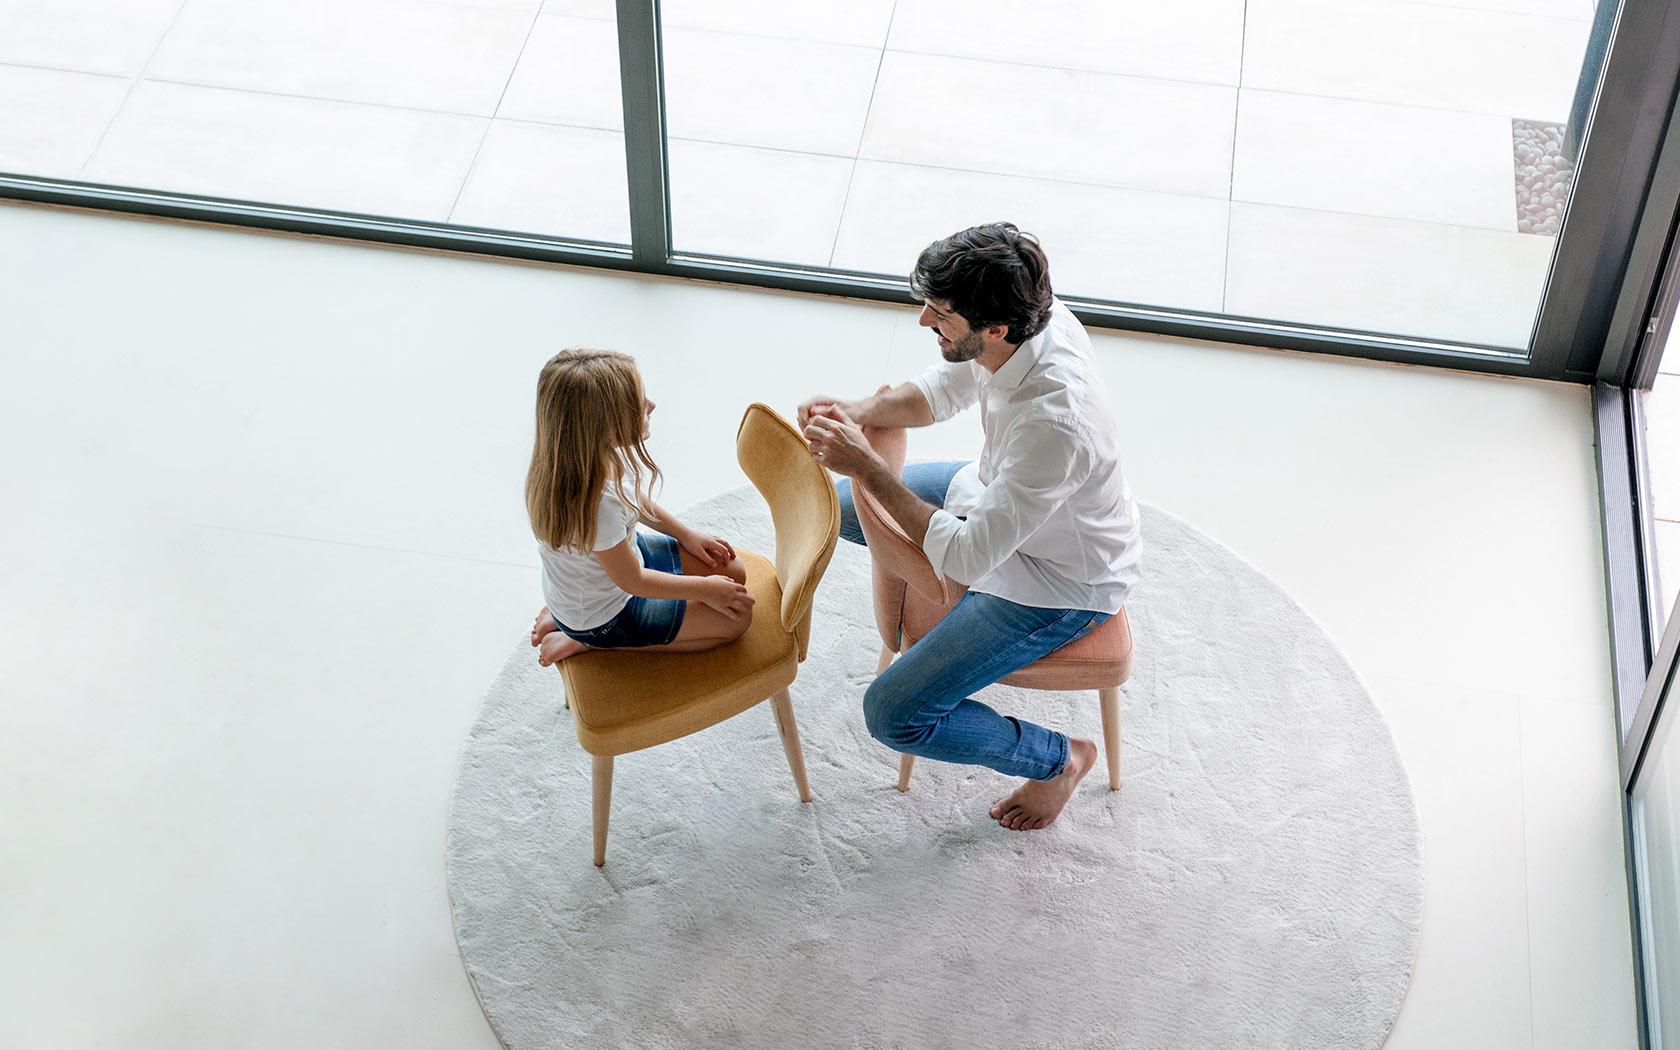 Mili y Lalo sillas Fama 2018 03